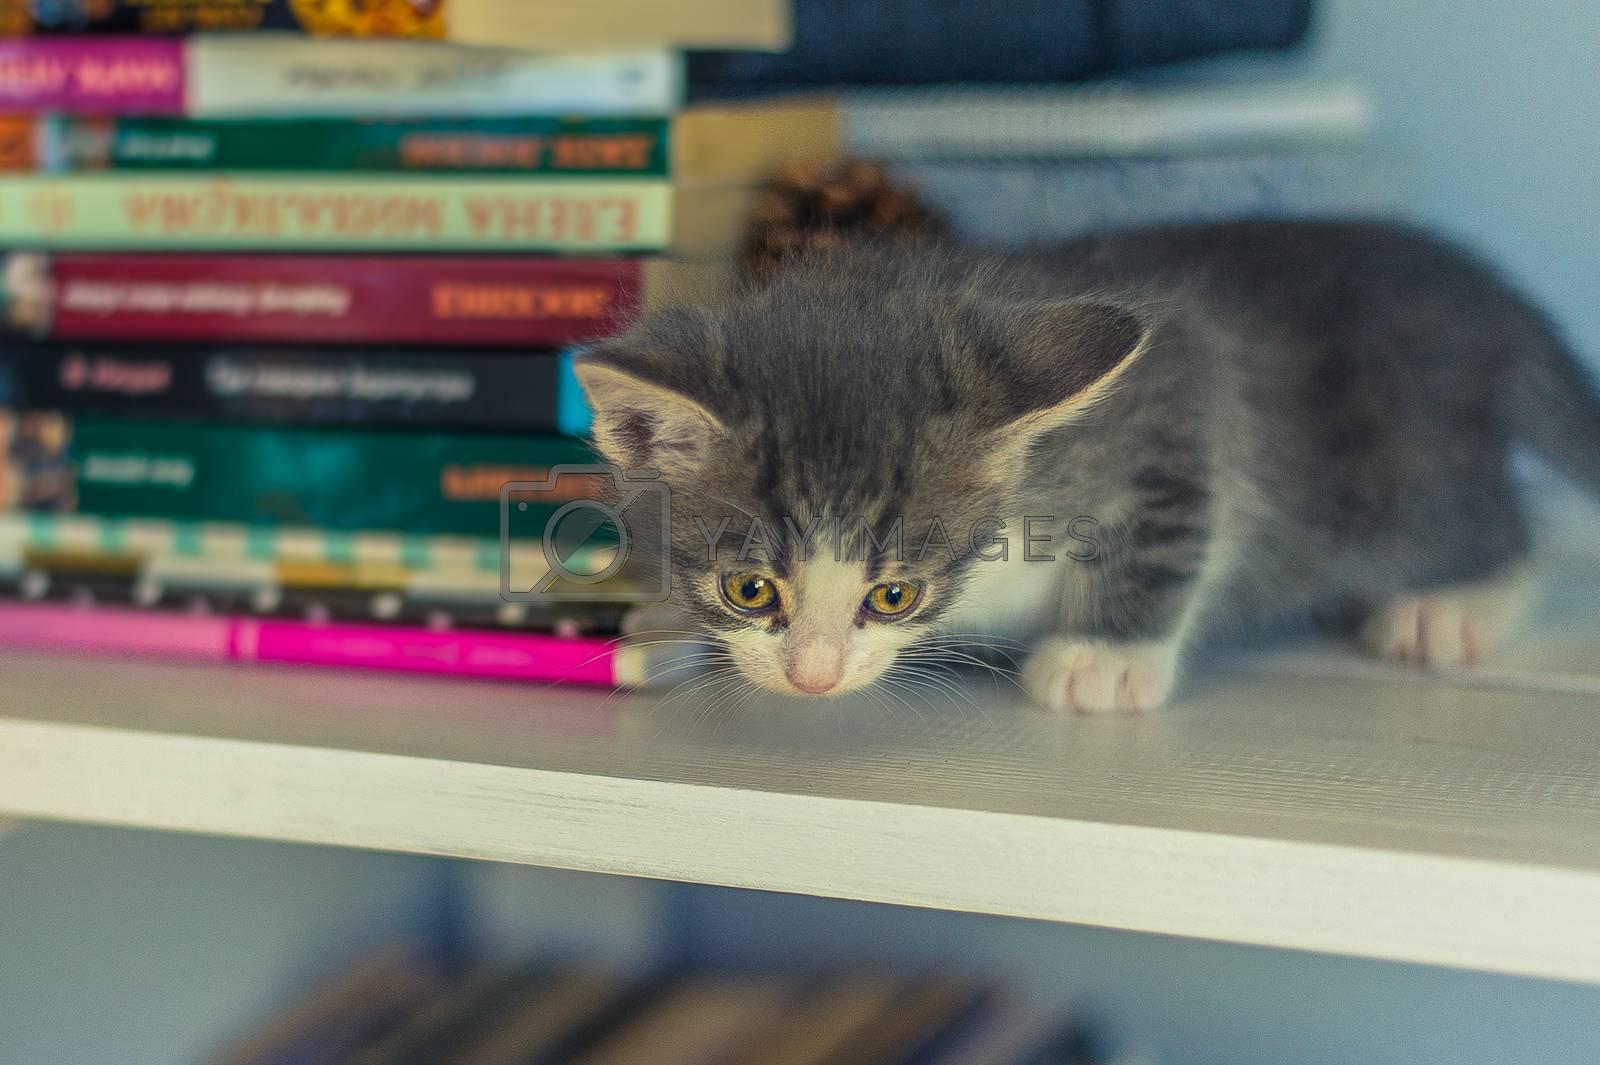 Gray kitten sits on a bookshelf near a fir cone